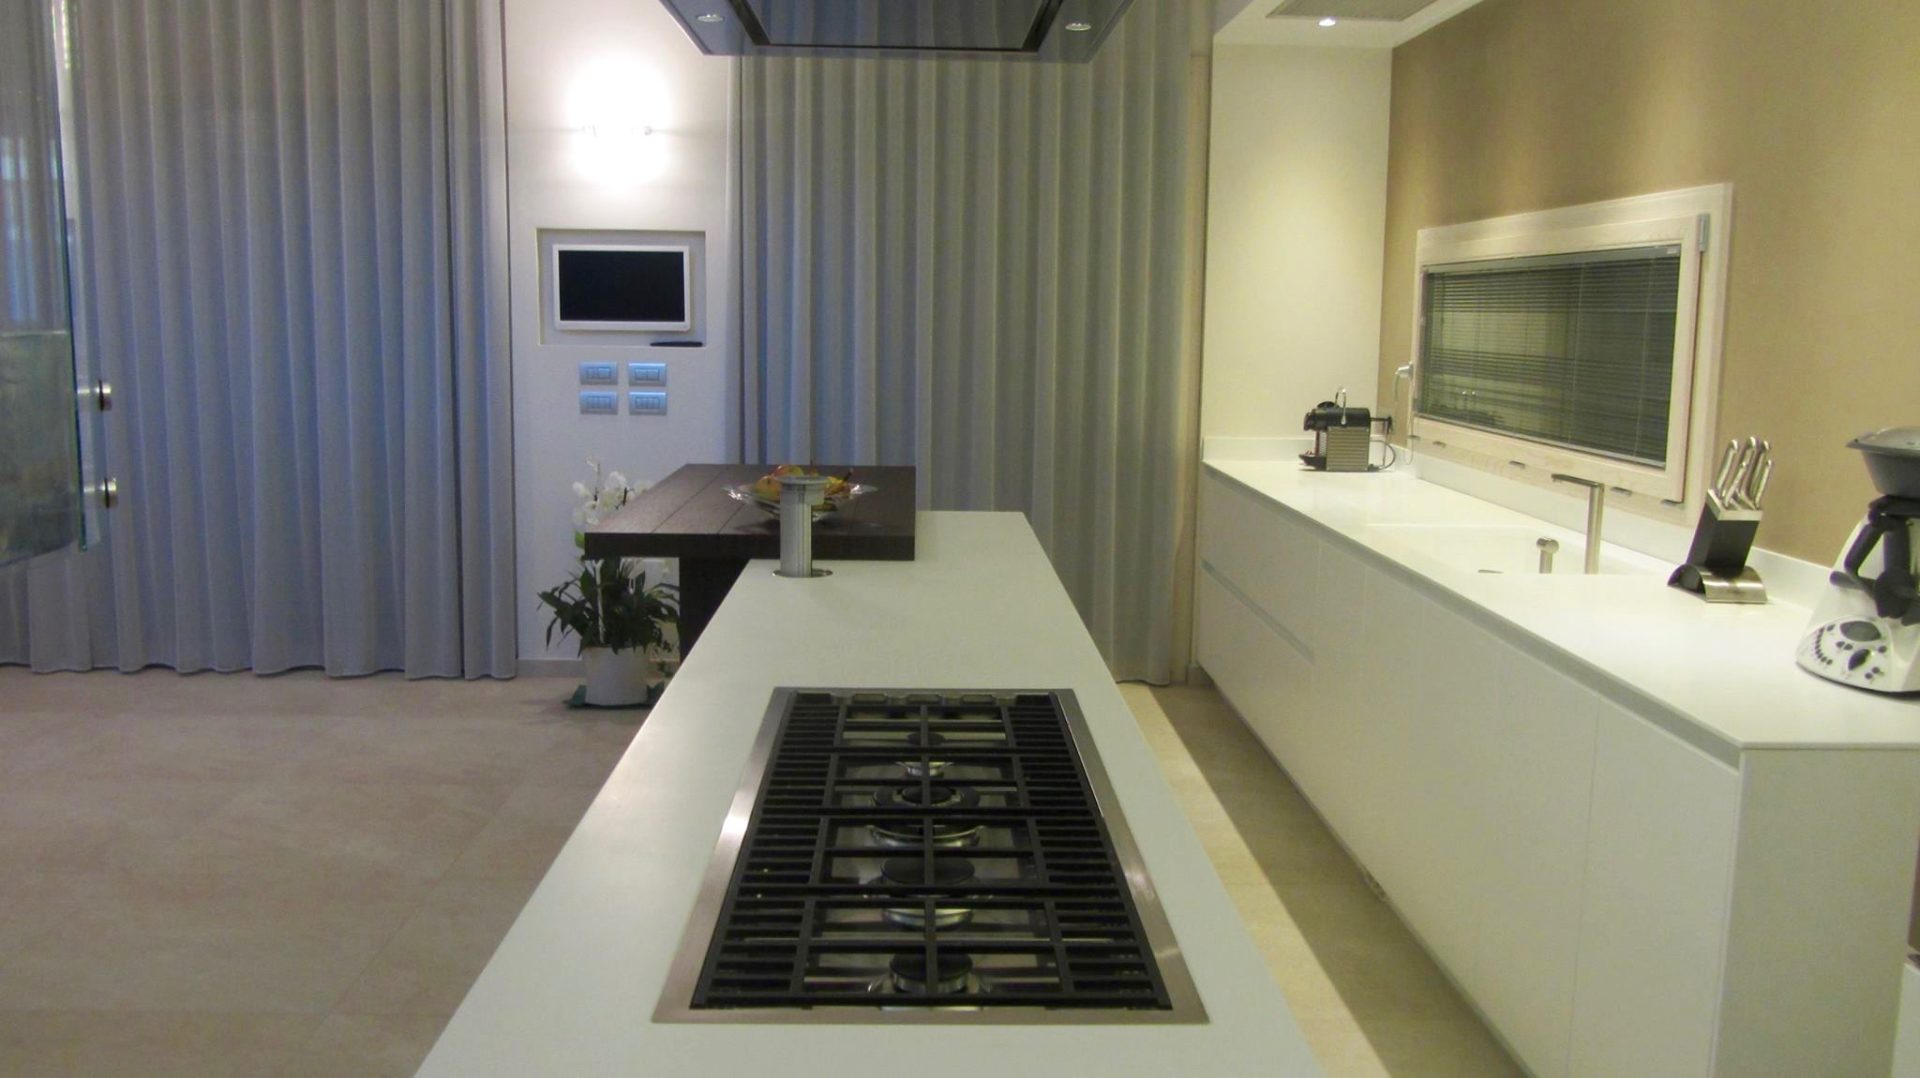 tv-concetto-interattivo-dinamico-spazio-cucina-funzionale ...